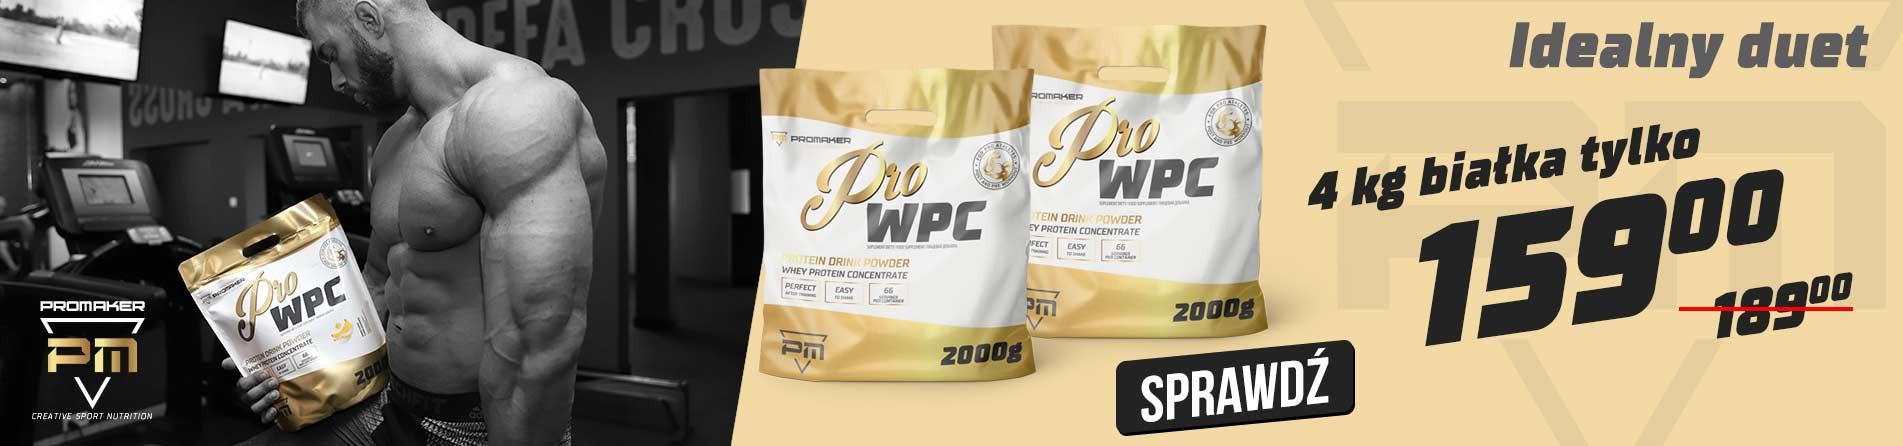 Pro WPC 2 x 2000g